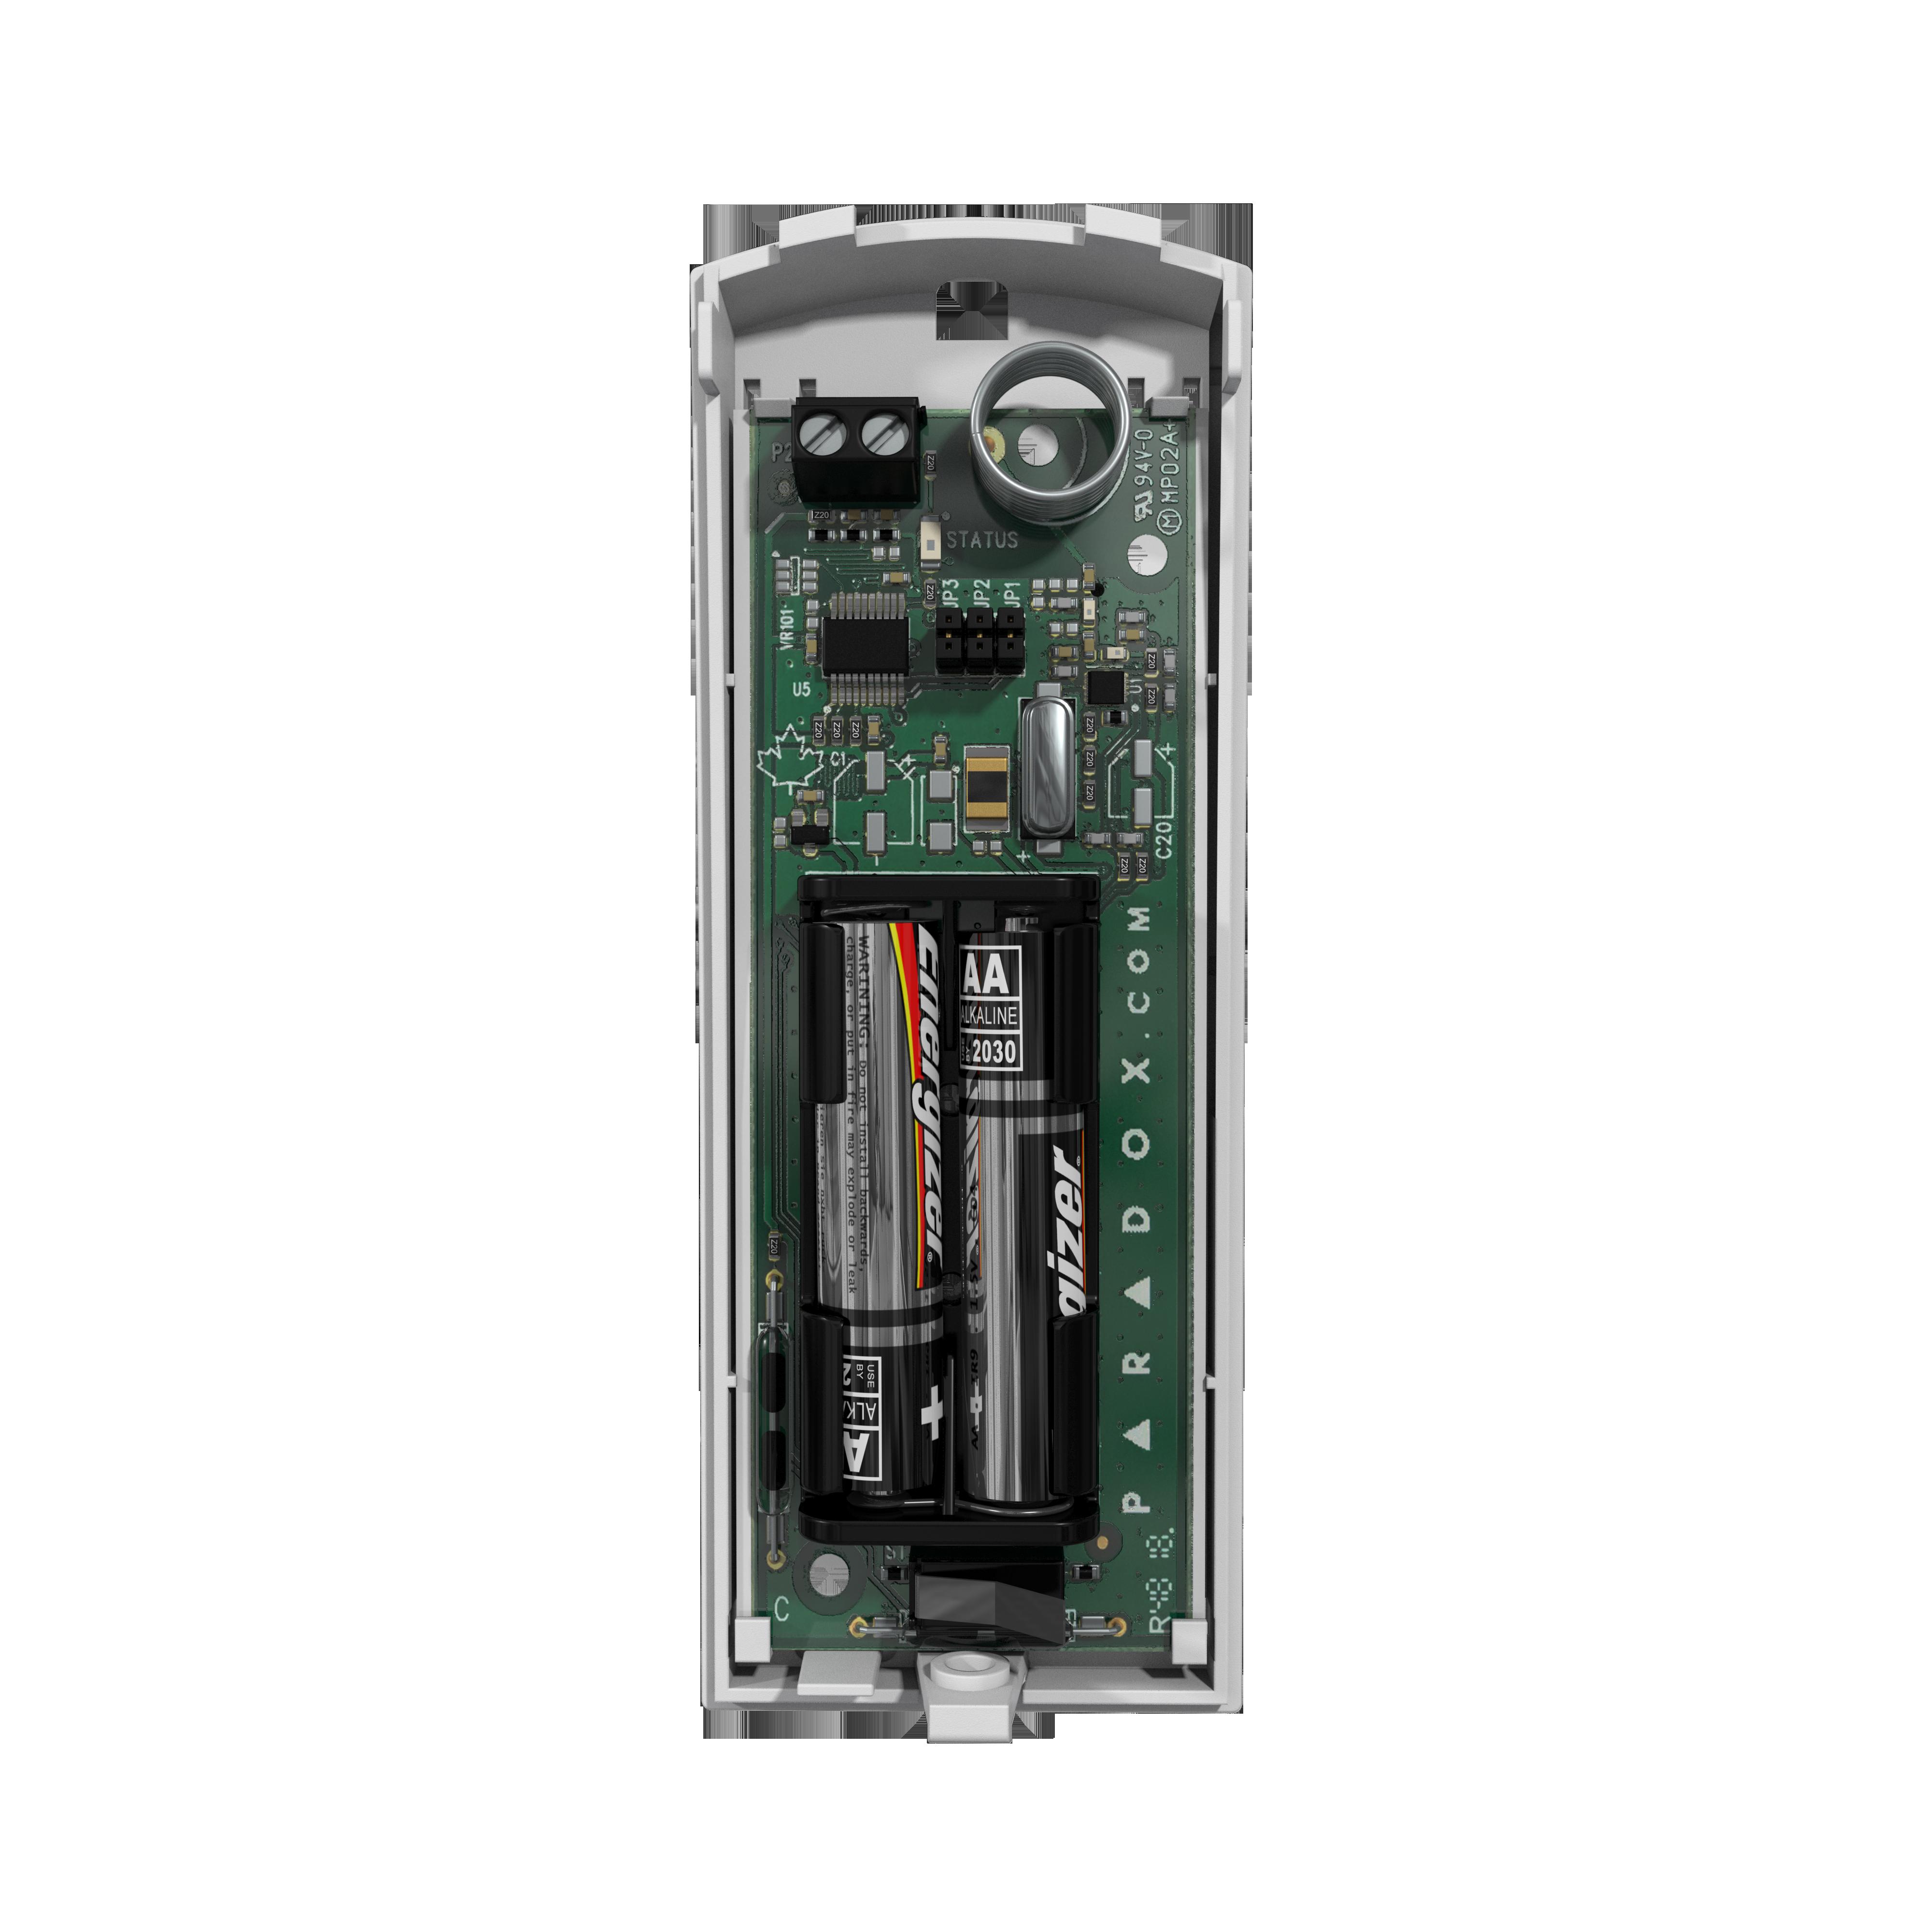 تماس با درب درب دورDCT10 (سابقا MG-DCT10 2) پارادوکس